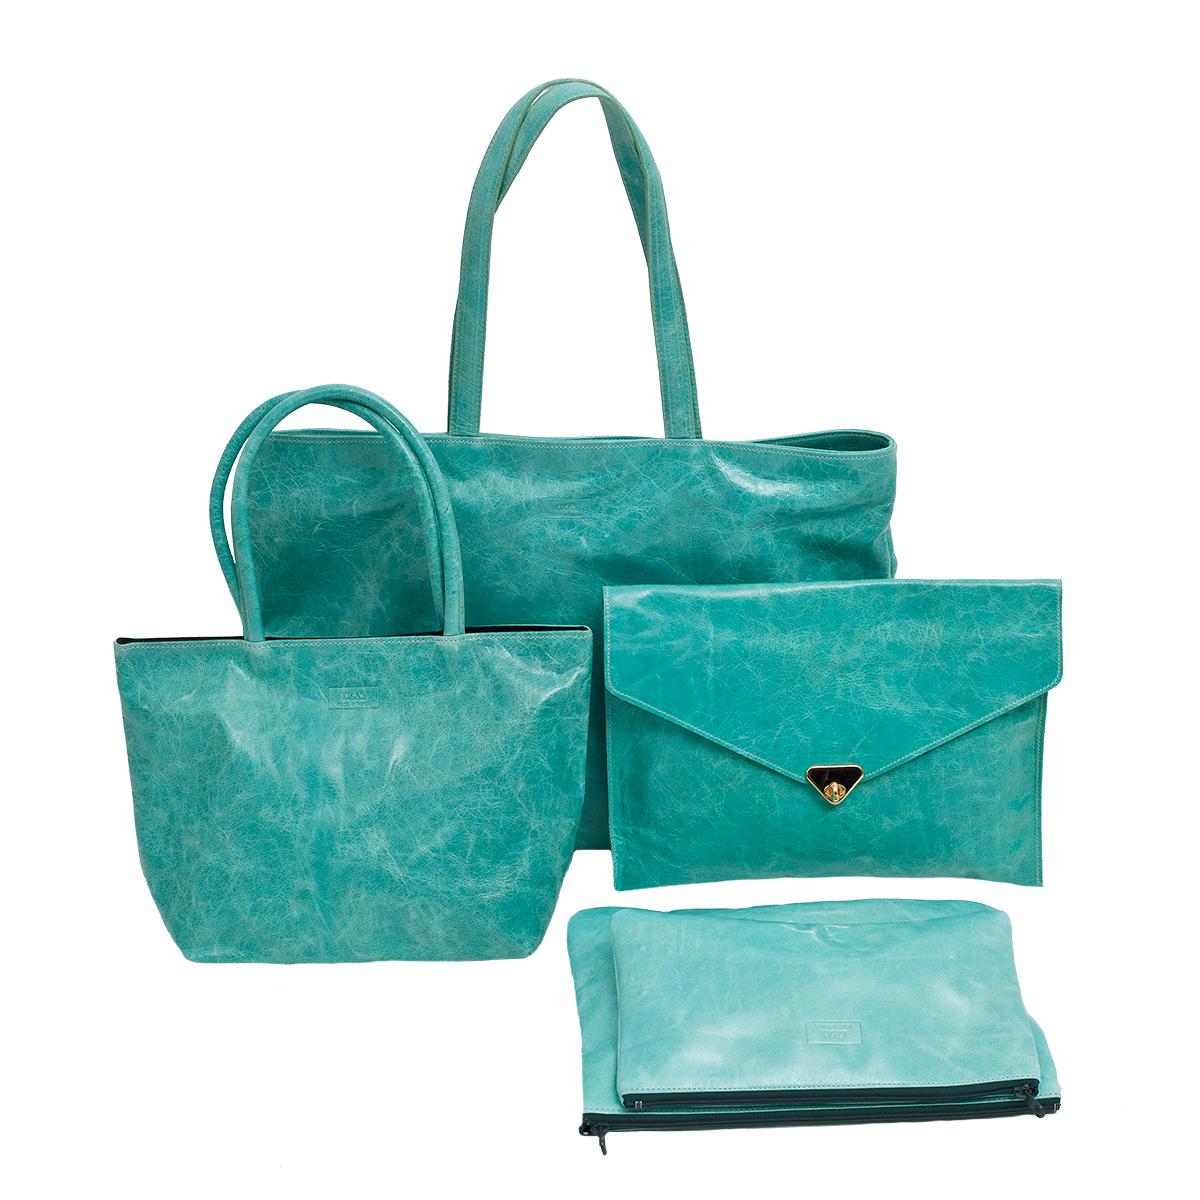 KIKA'S grand sac 1290€, petit sac 99€, pochette habillée 99€ et pochettes zippée 35/39€, le tout en cuir souple